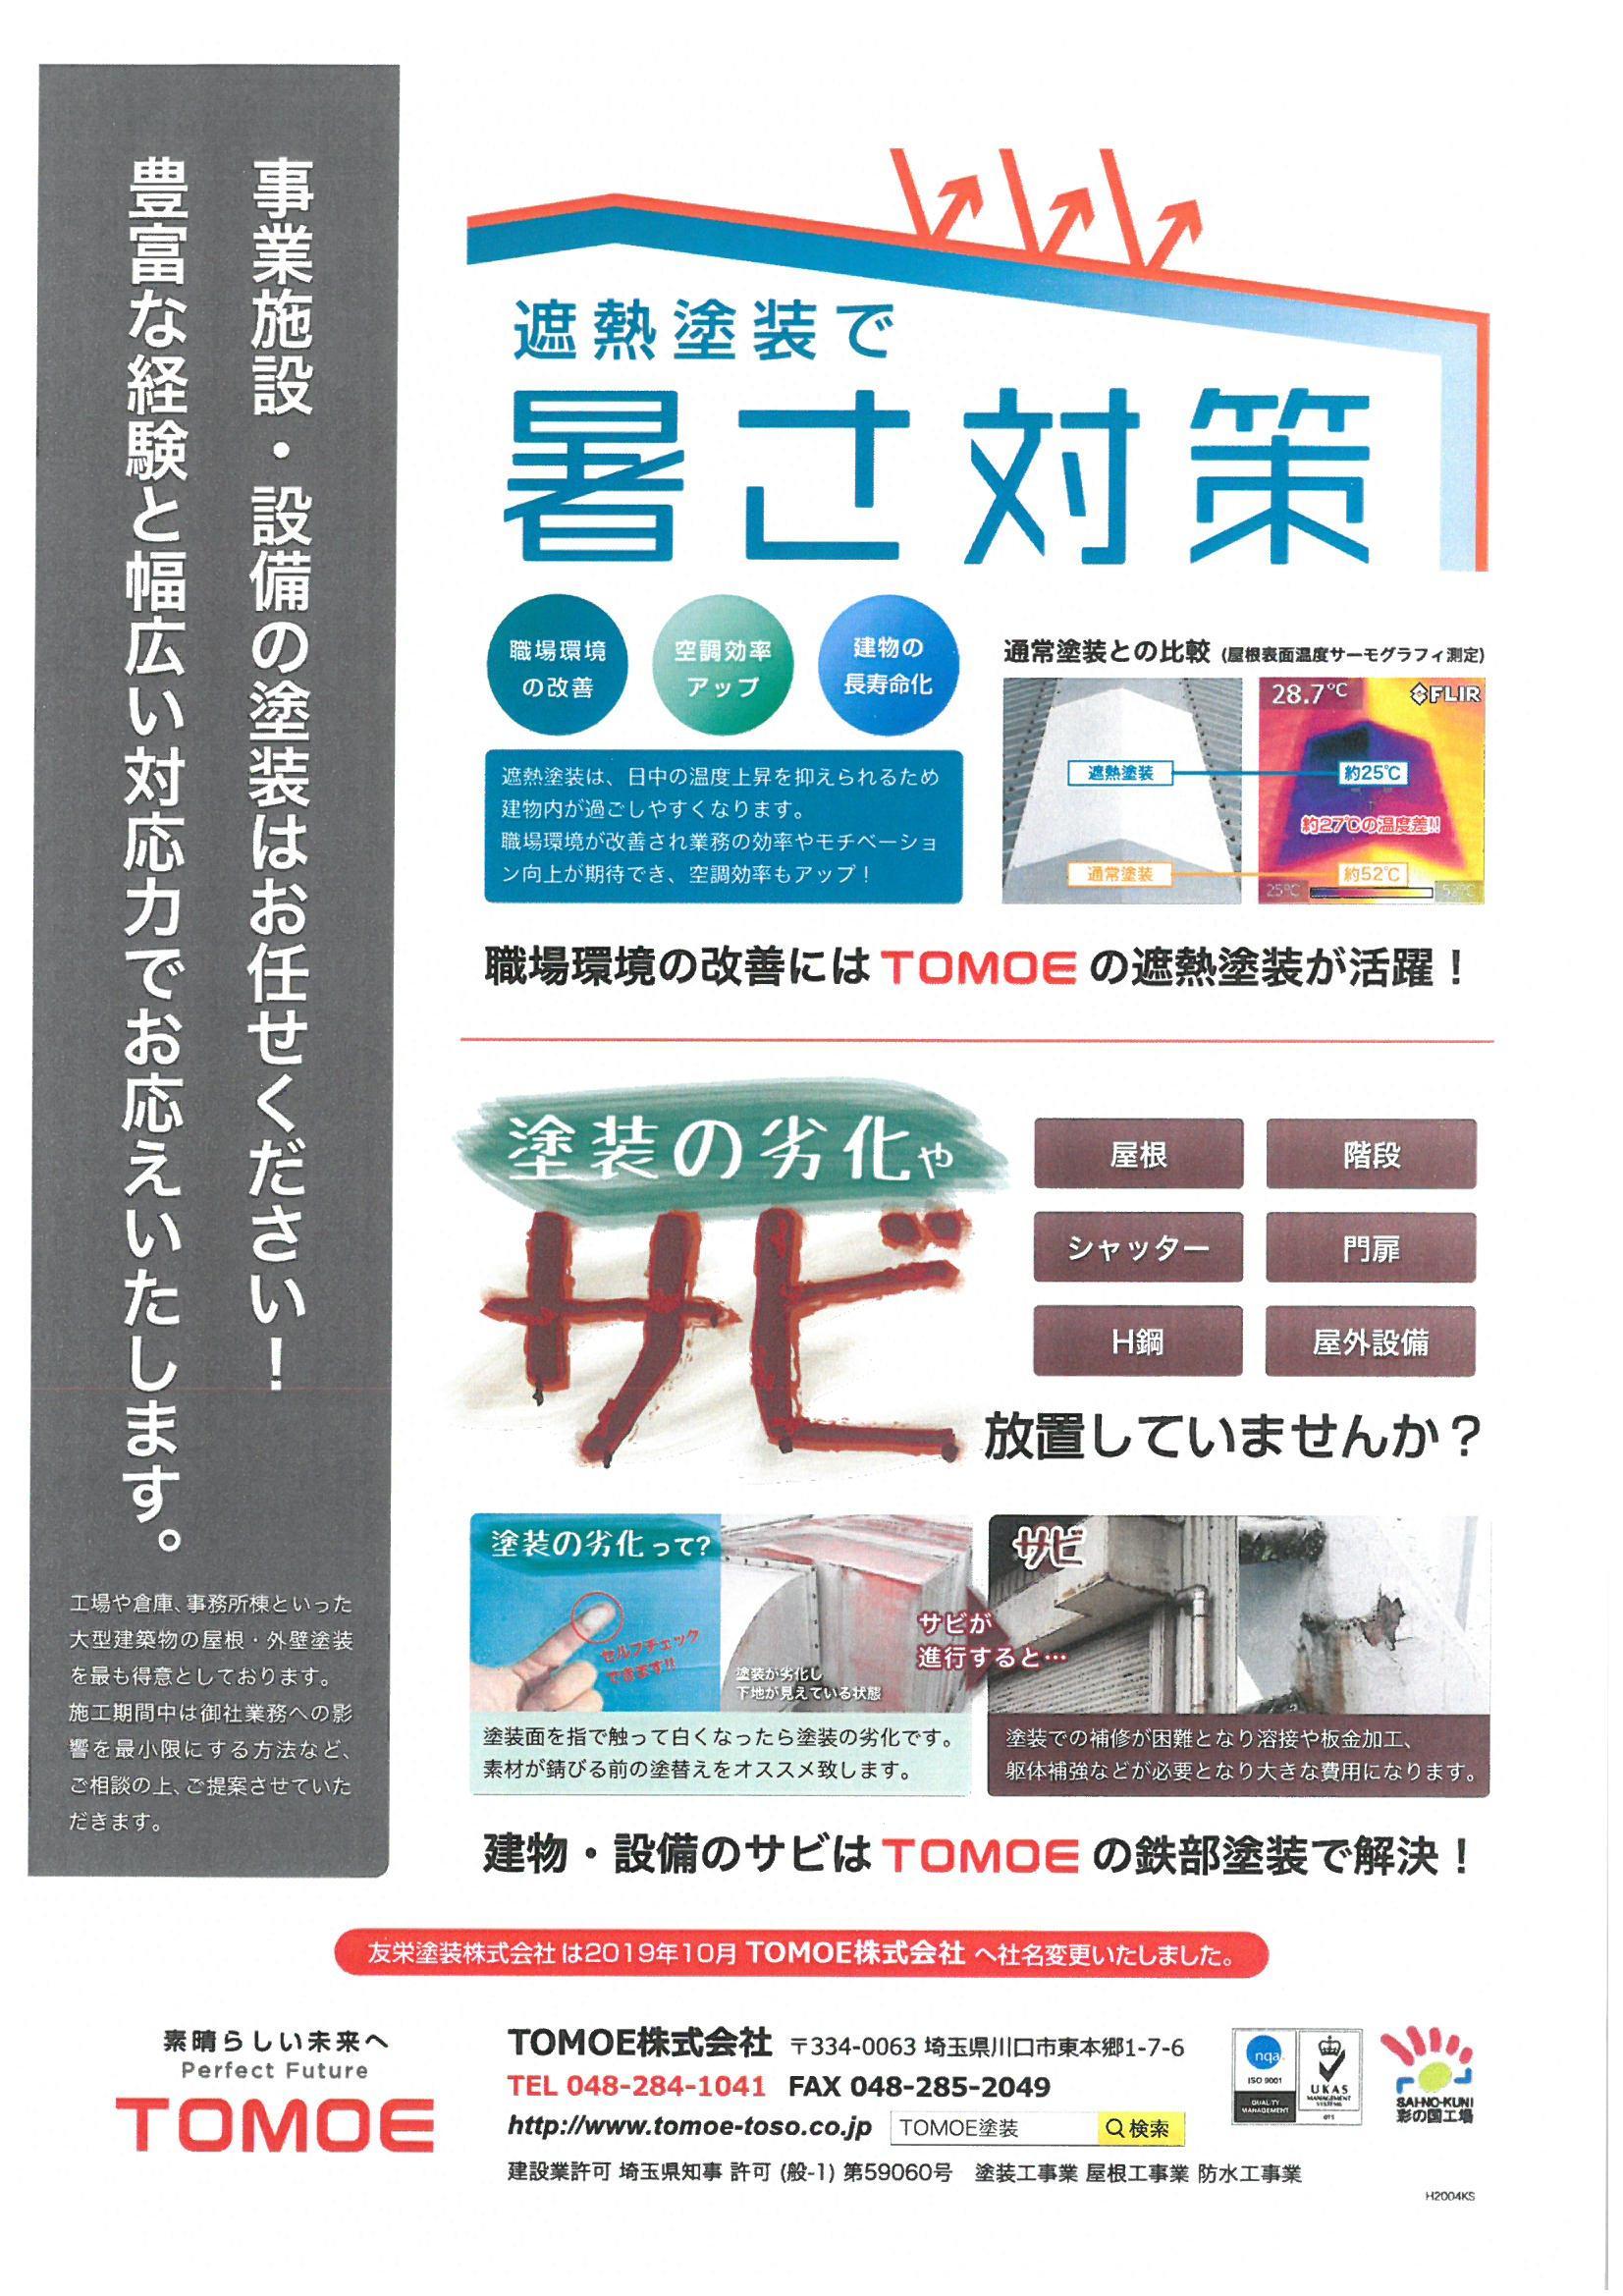 広告チラシ6_e0164638_08215199.jpg